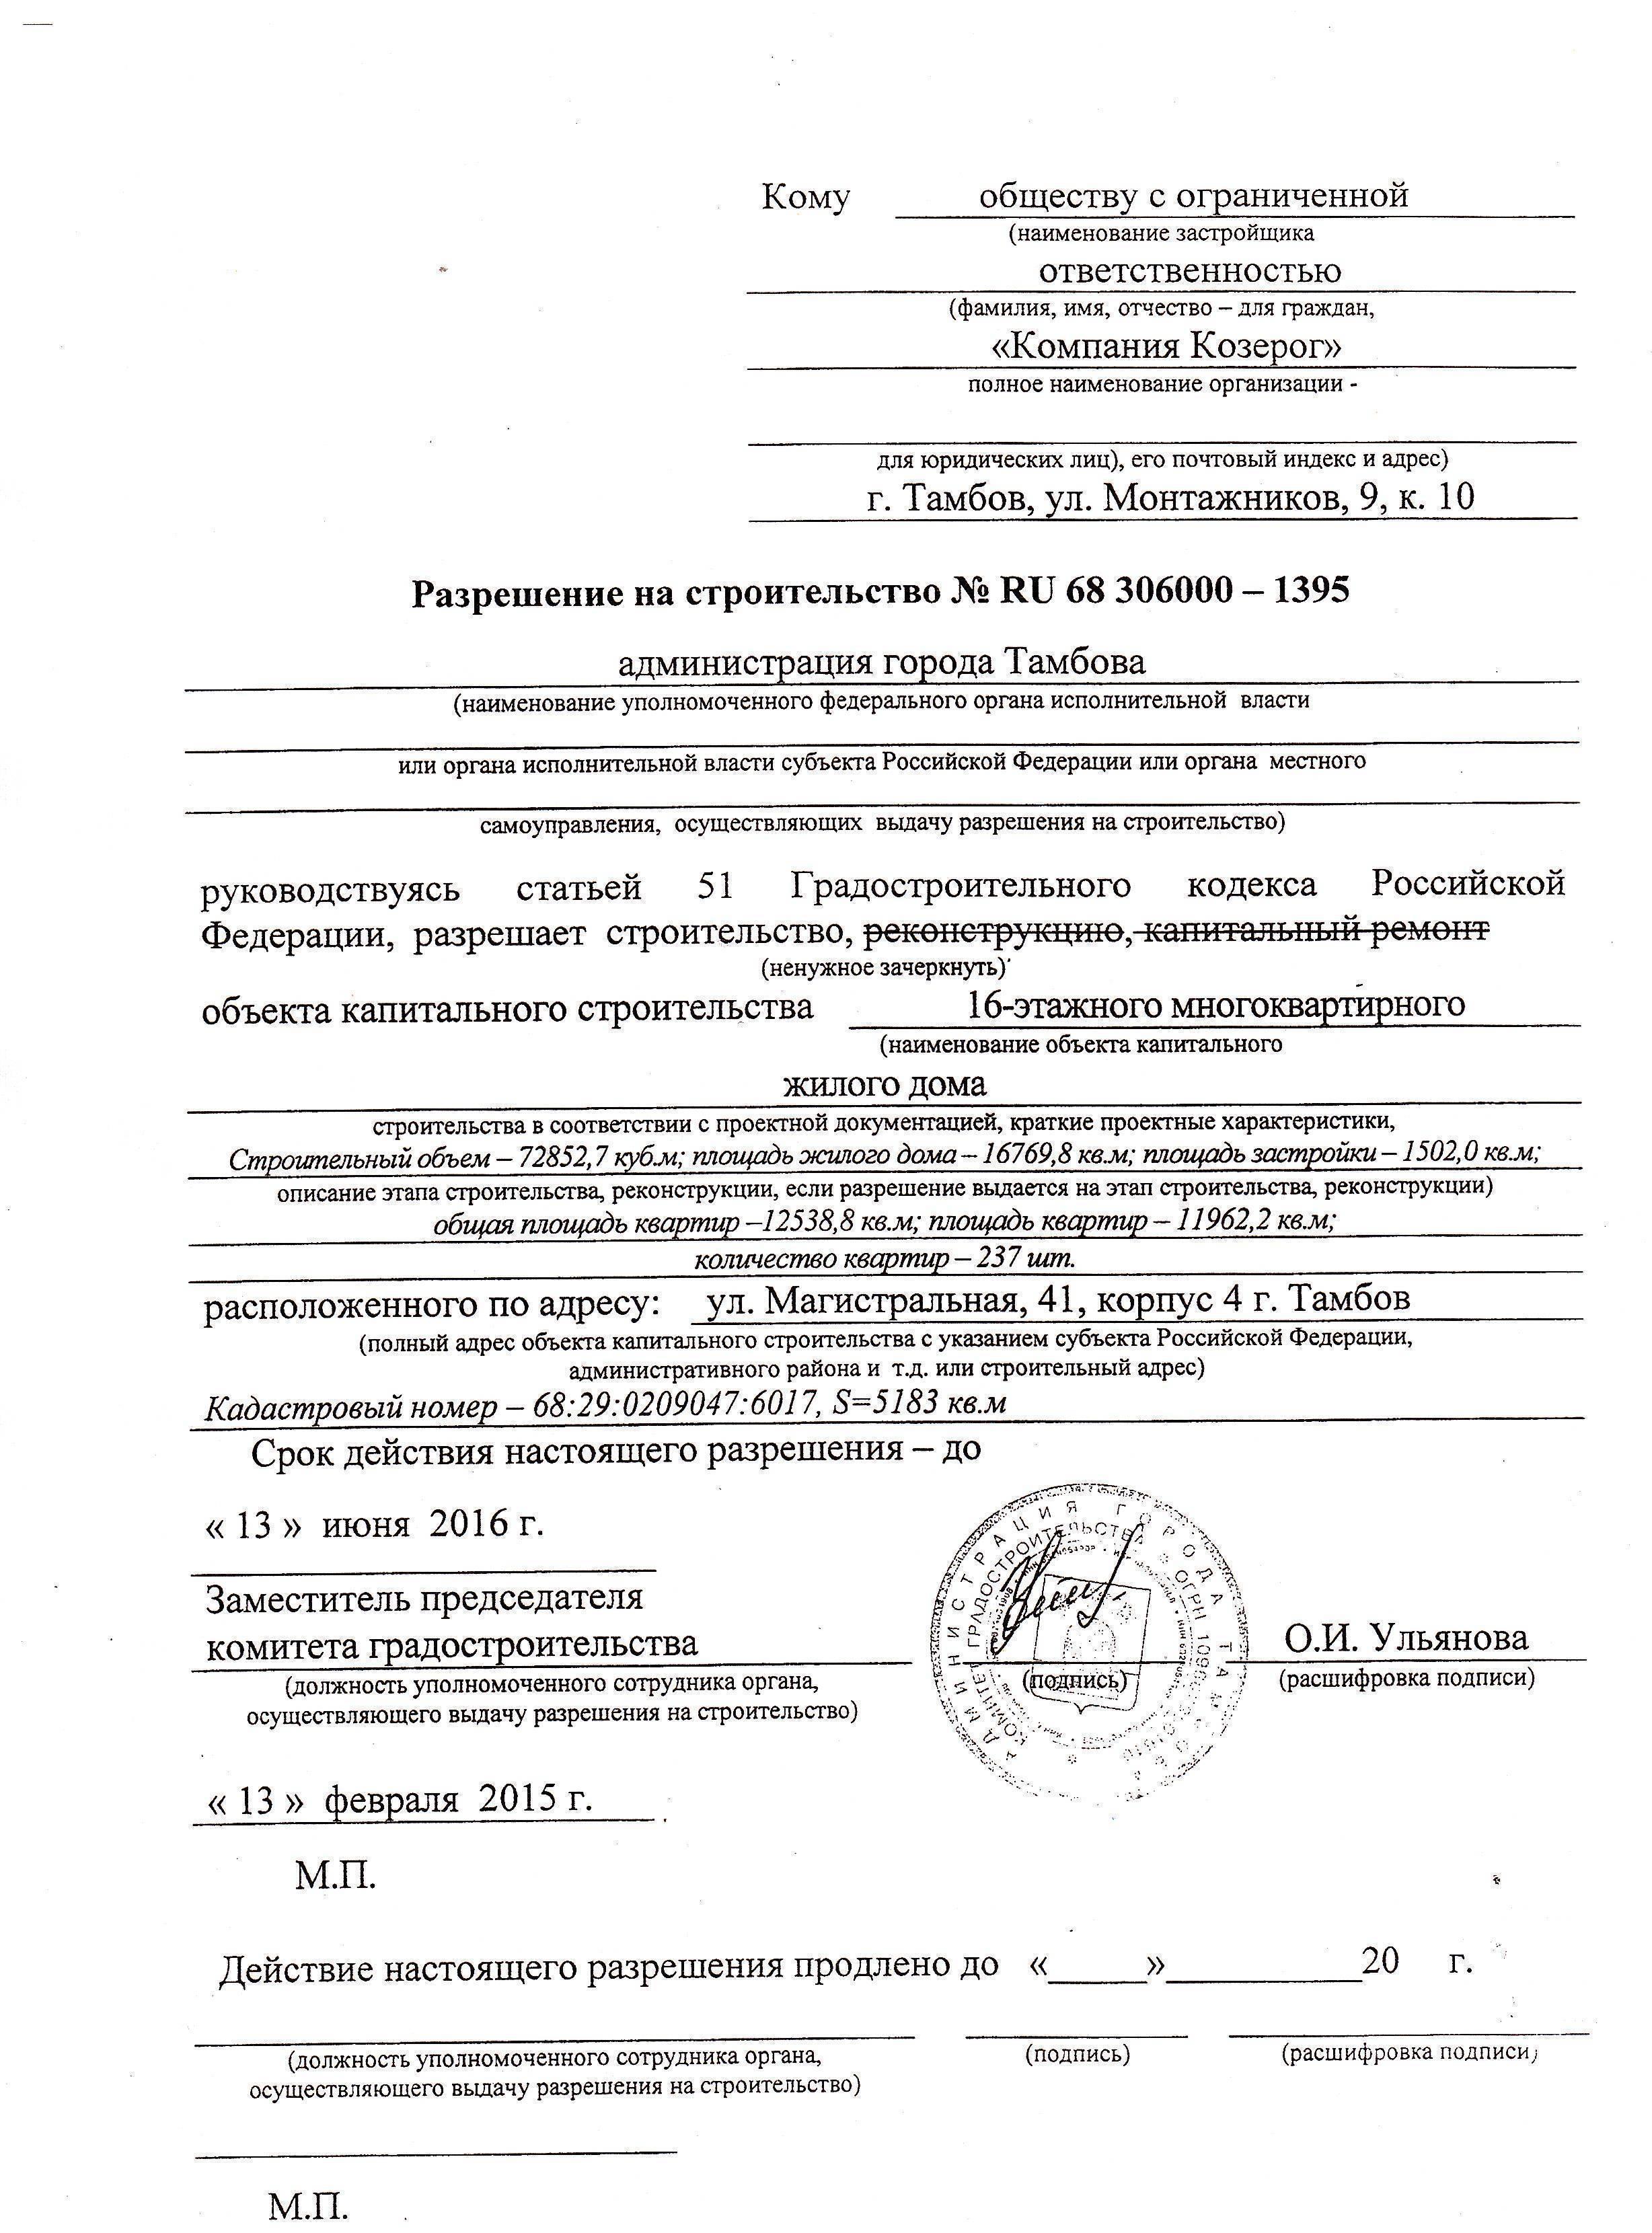 Разрешение на строительство - какой орган выдает, процедура оформления и необходимая документация